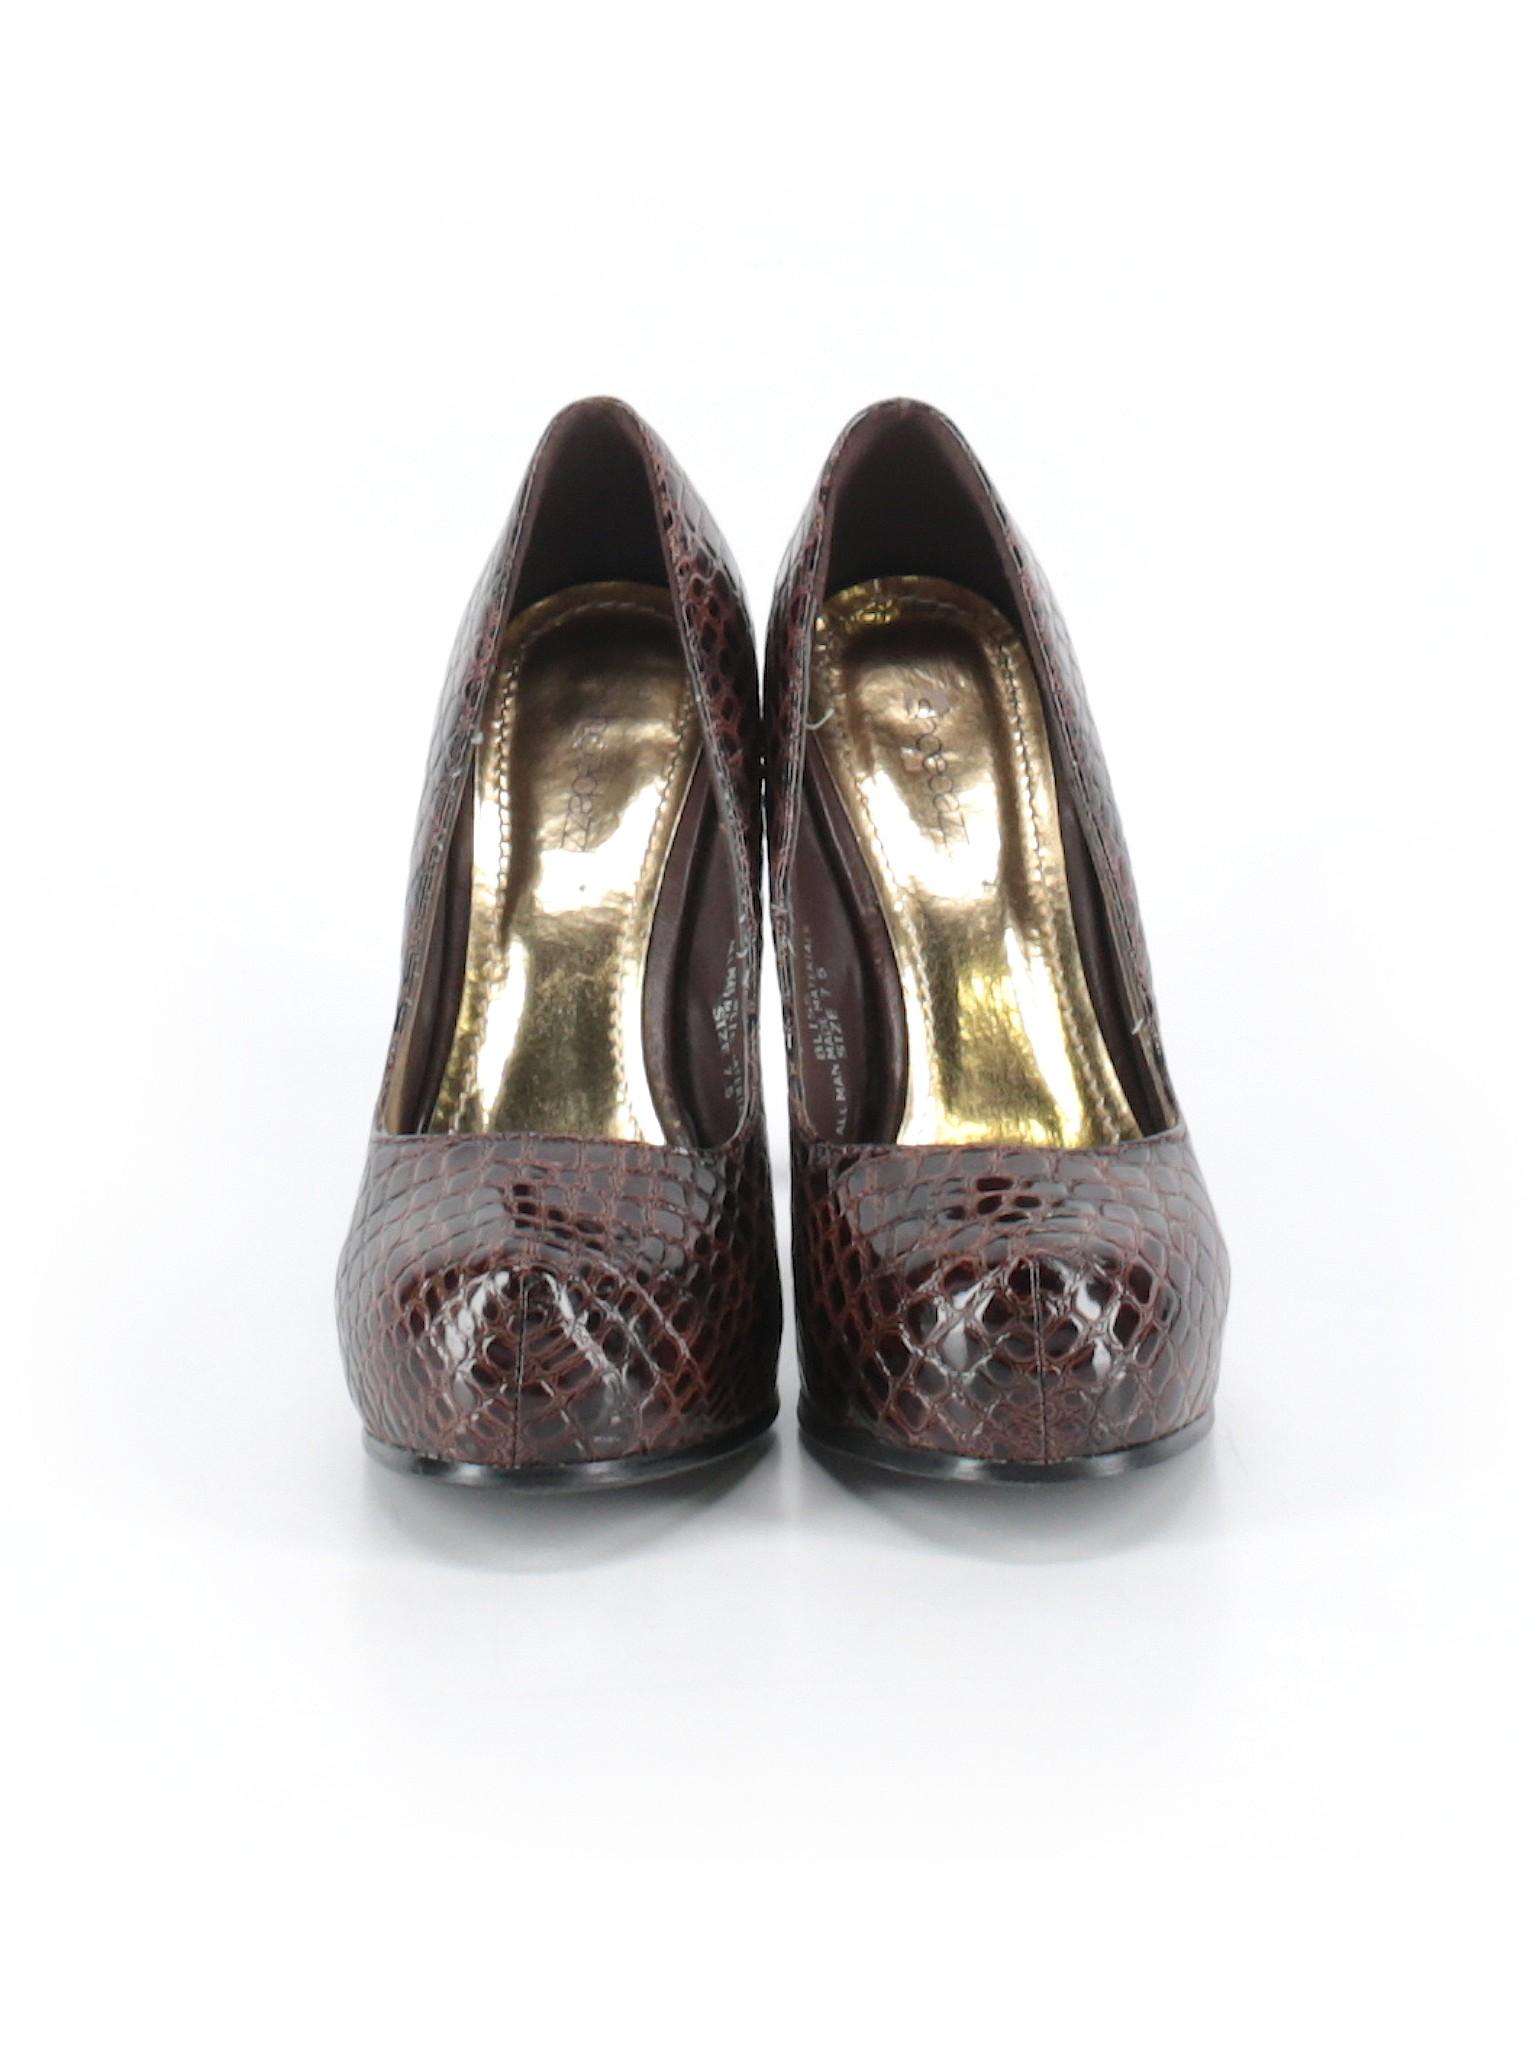 Shoedazzle Heels Shoedazzle Boutique Boutique Shoedazzle Boutique promotion promotion promotion Heels 71xfZZ